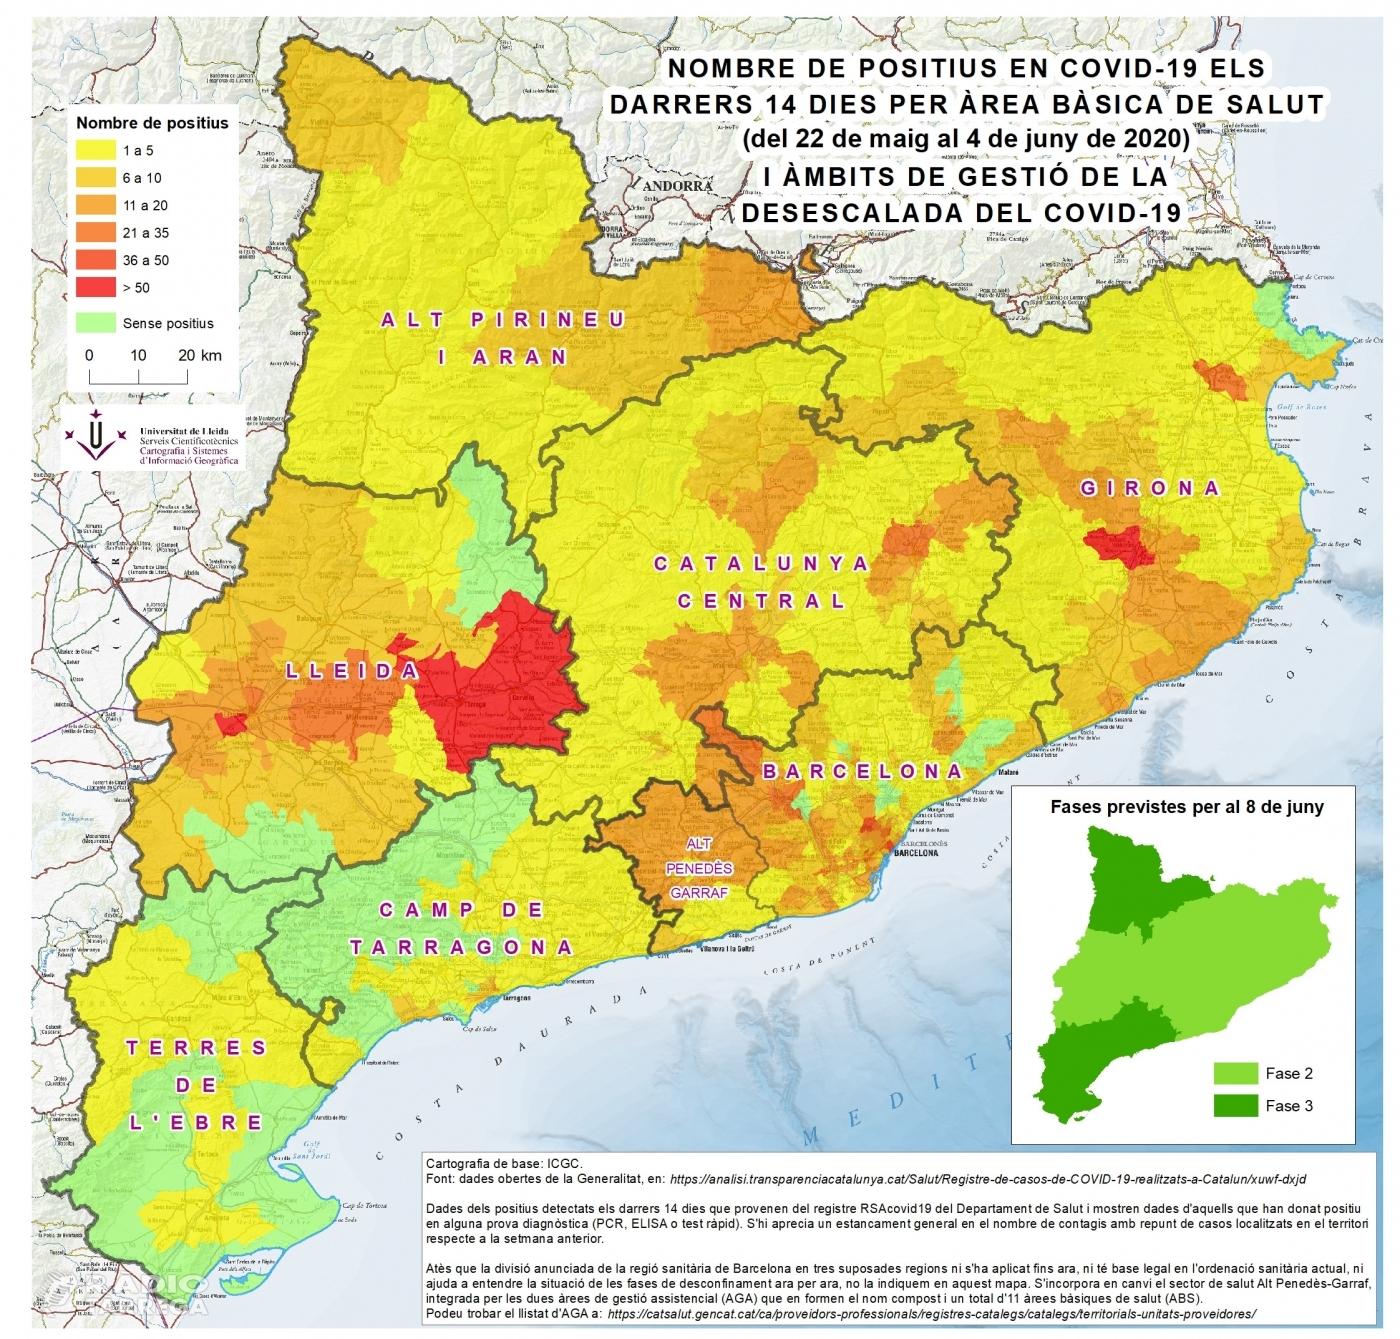 El darrer mapa del Servei Cientificotècnic de Cartografia i SIG de la Universitat de Lleida mostra que la COVID19 es resisteix a marxar